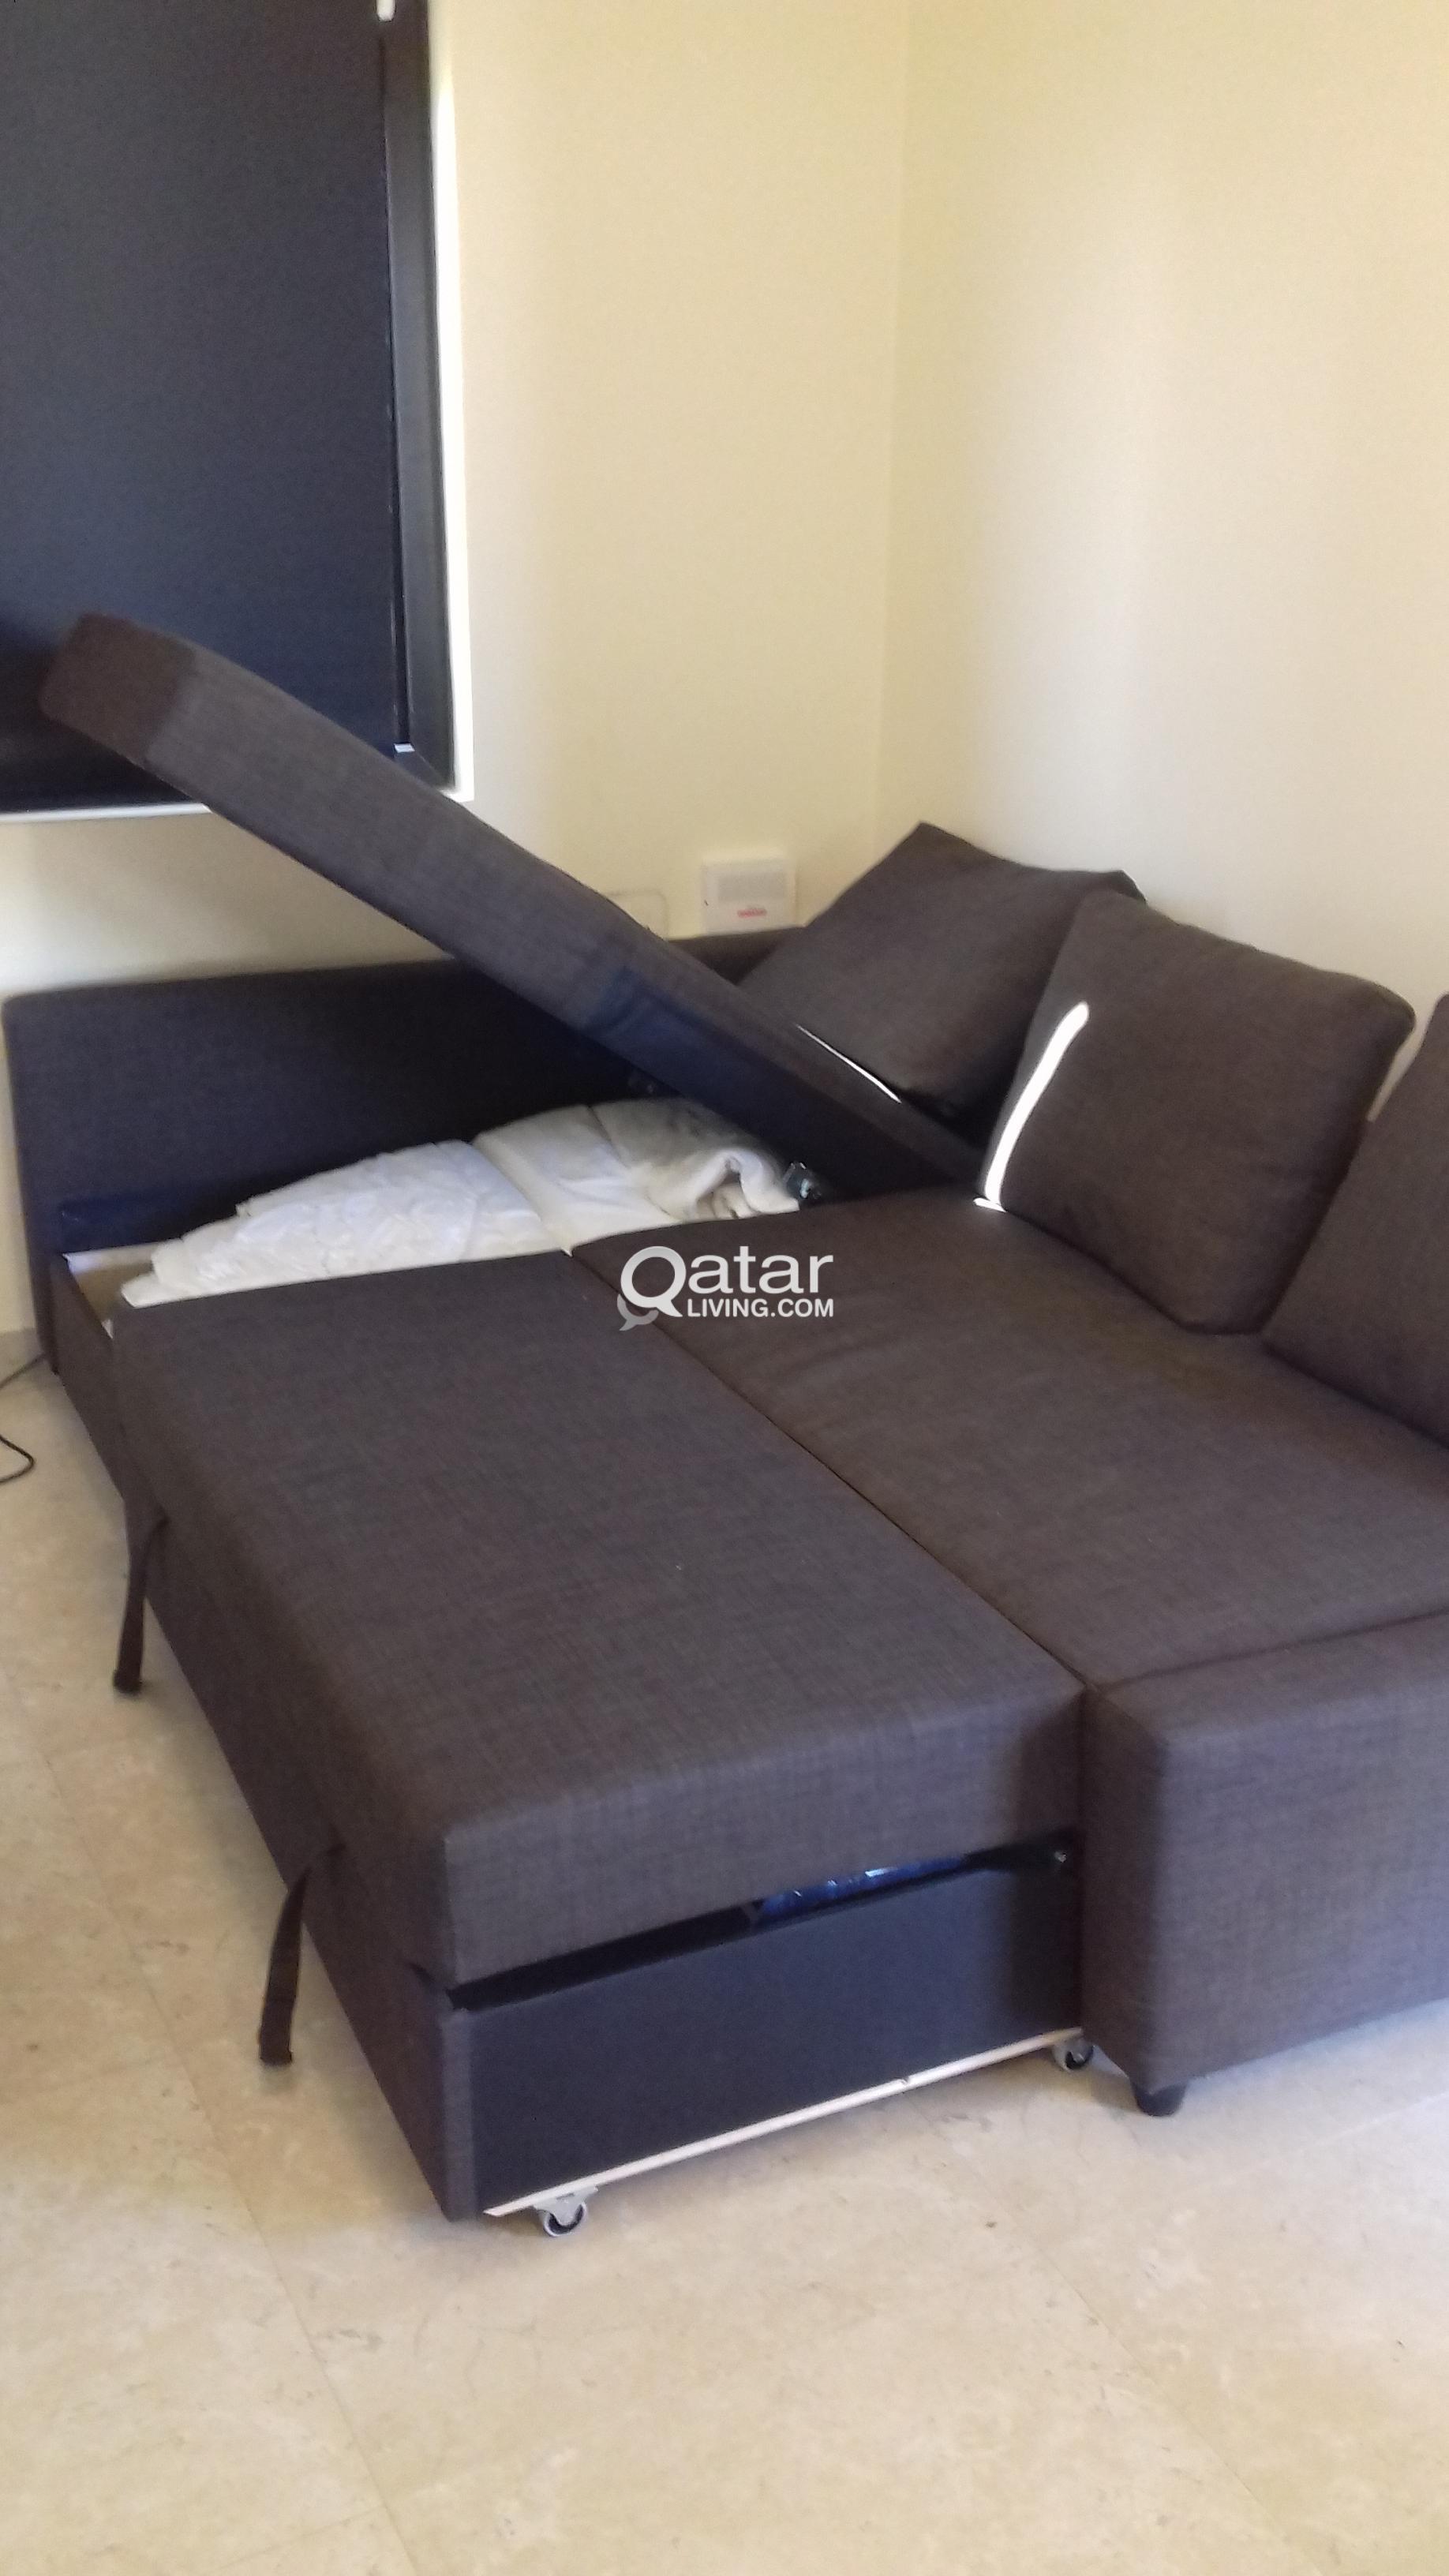 Le Information Corner Sofa Bed